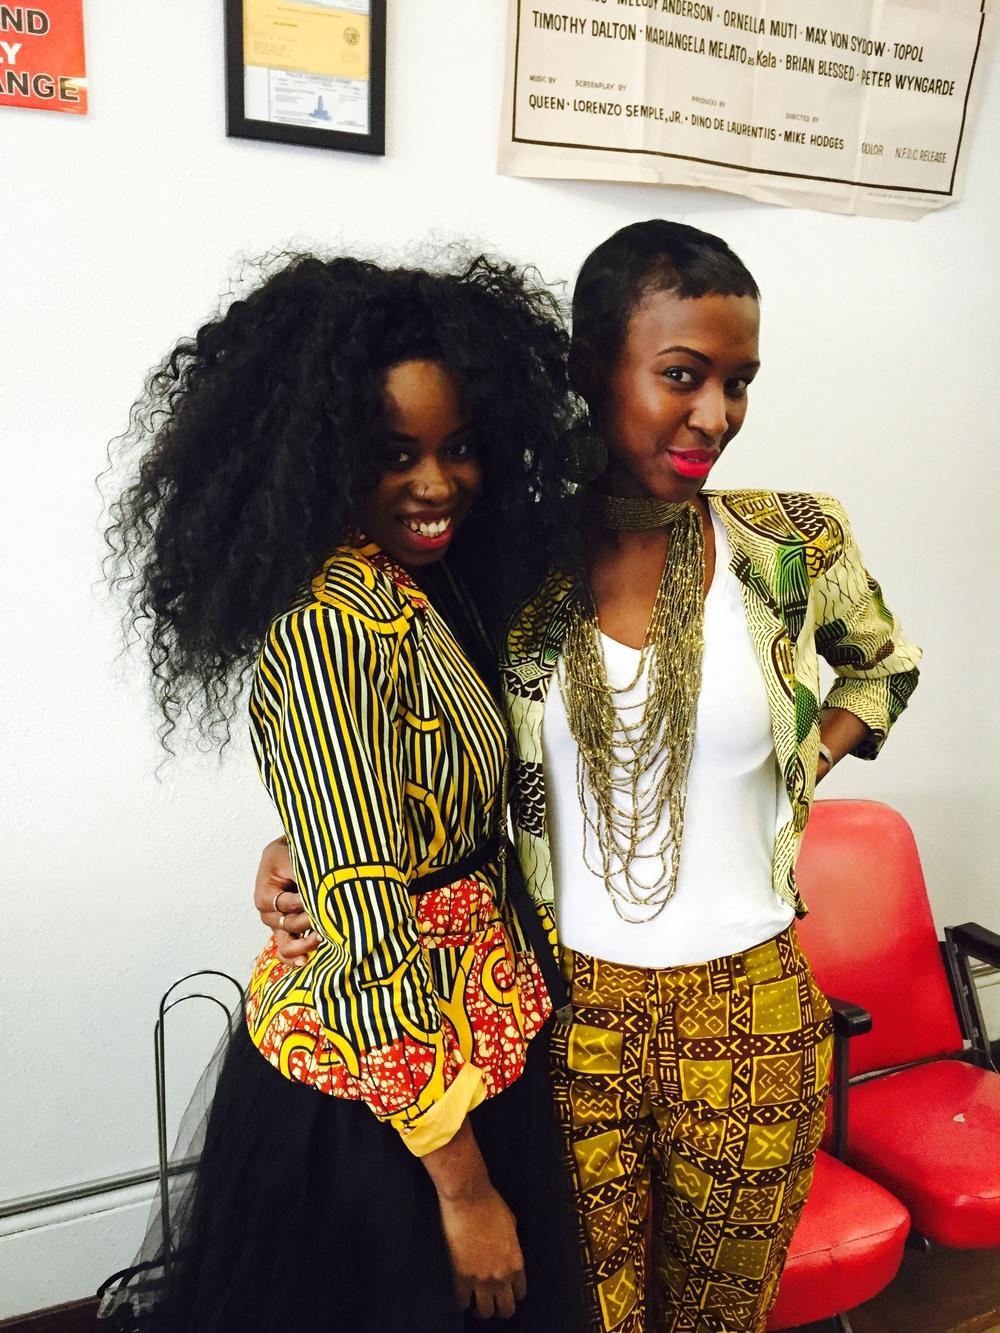 Kelechi of Zuvaa and Iris of The Urban Maasai